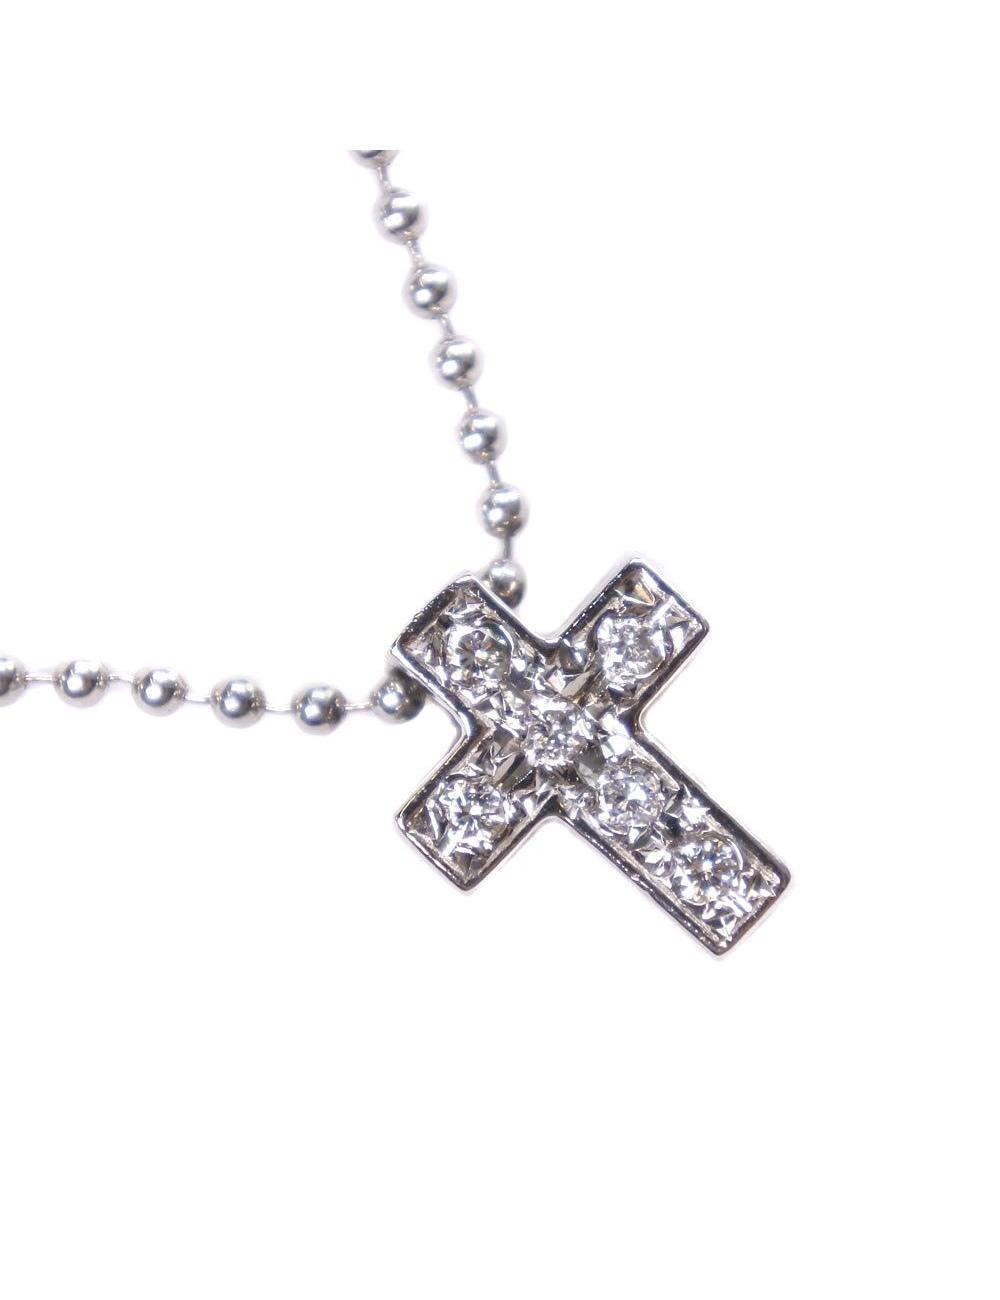 [產品信息] 品牌:STAR JEWELRY 型號名稱:Cross cross 性別:女 重量:4.9g [尺寸(厘米)] 鍊長:44cm [尺寸(英寸)] 鍊長:17.3inch [材質] Pt90